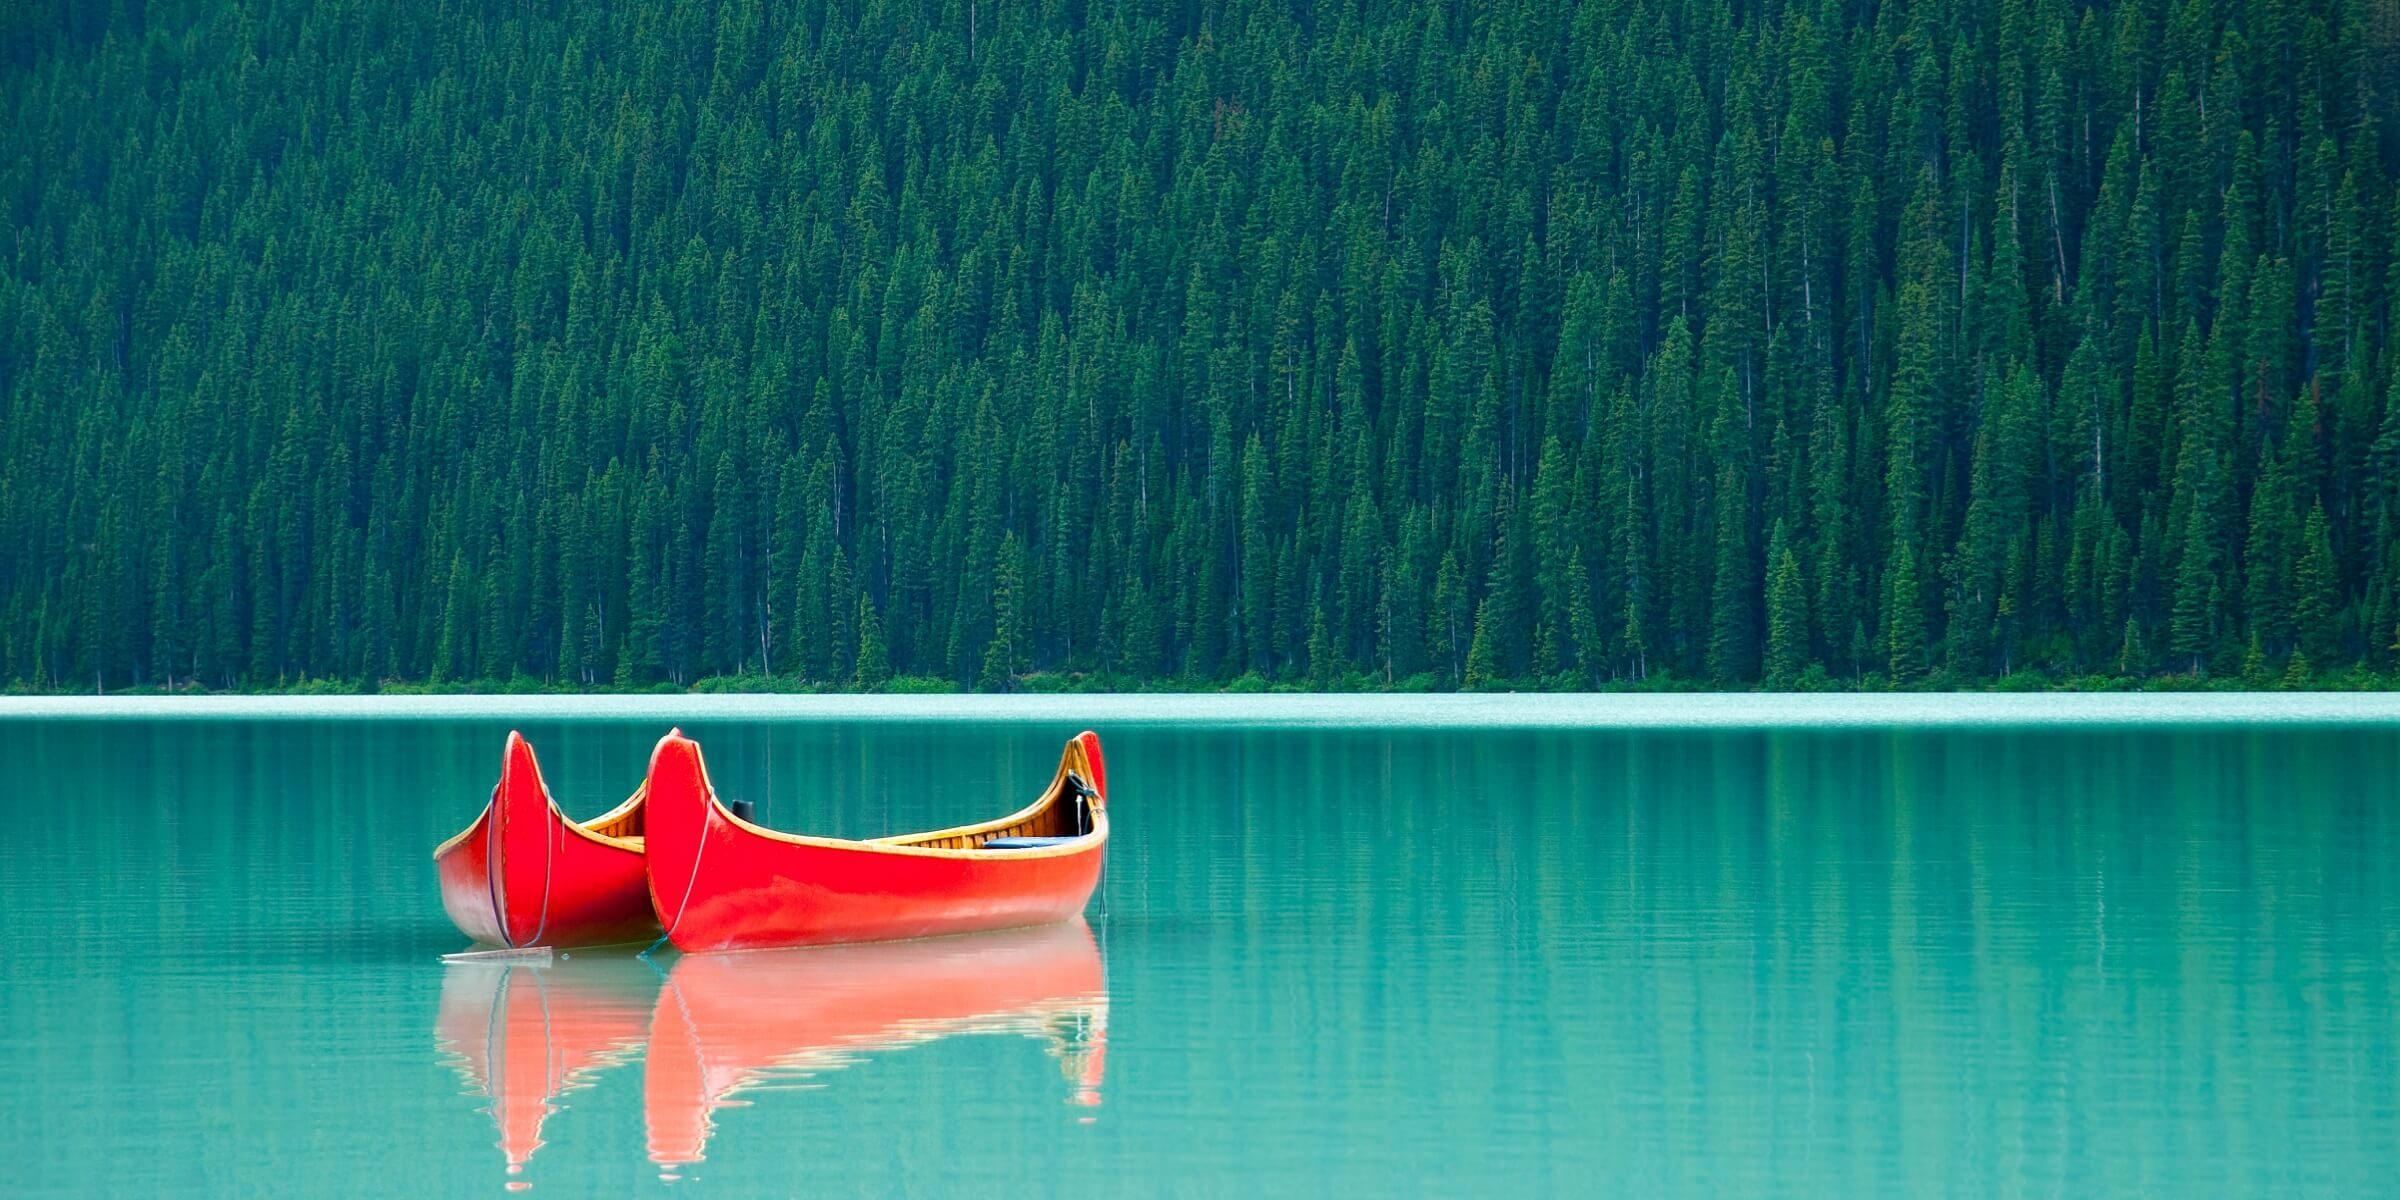 Zwei kleine Boote auf dem smaragdblauen Lake Louise in Kanada